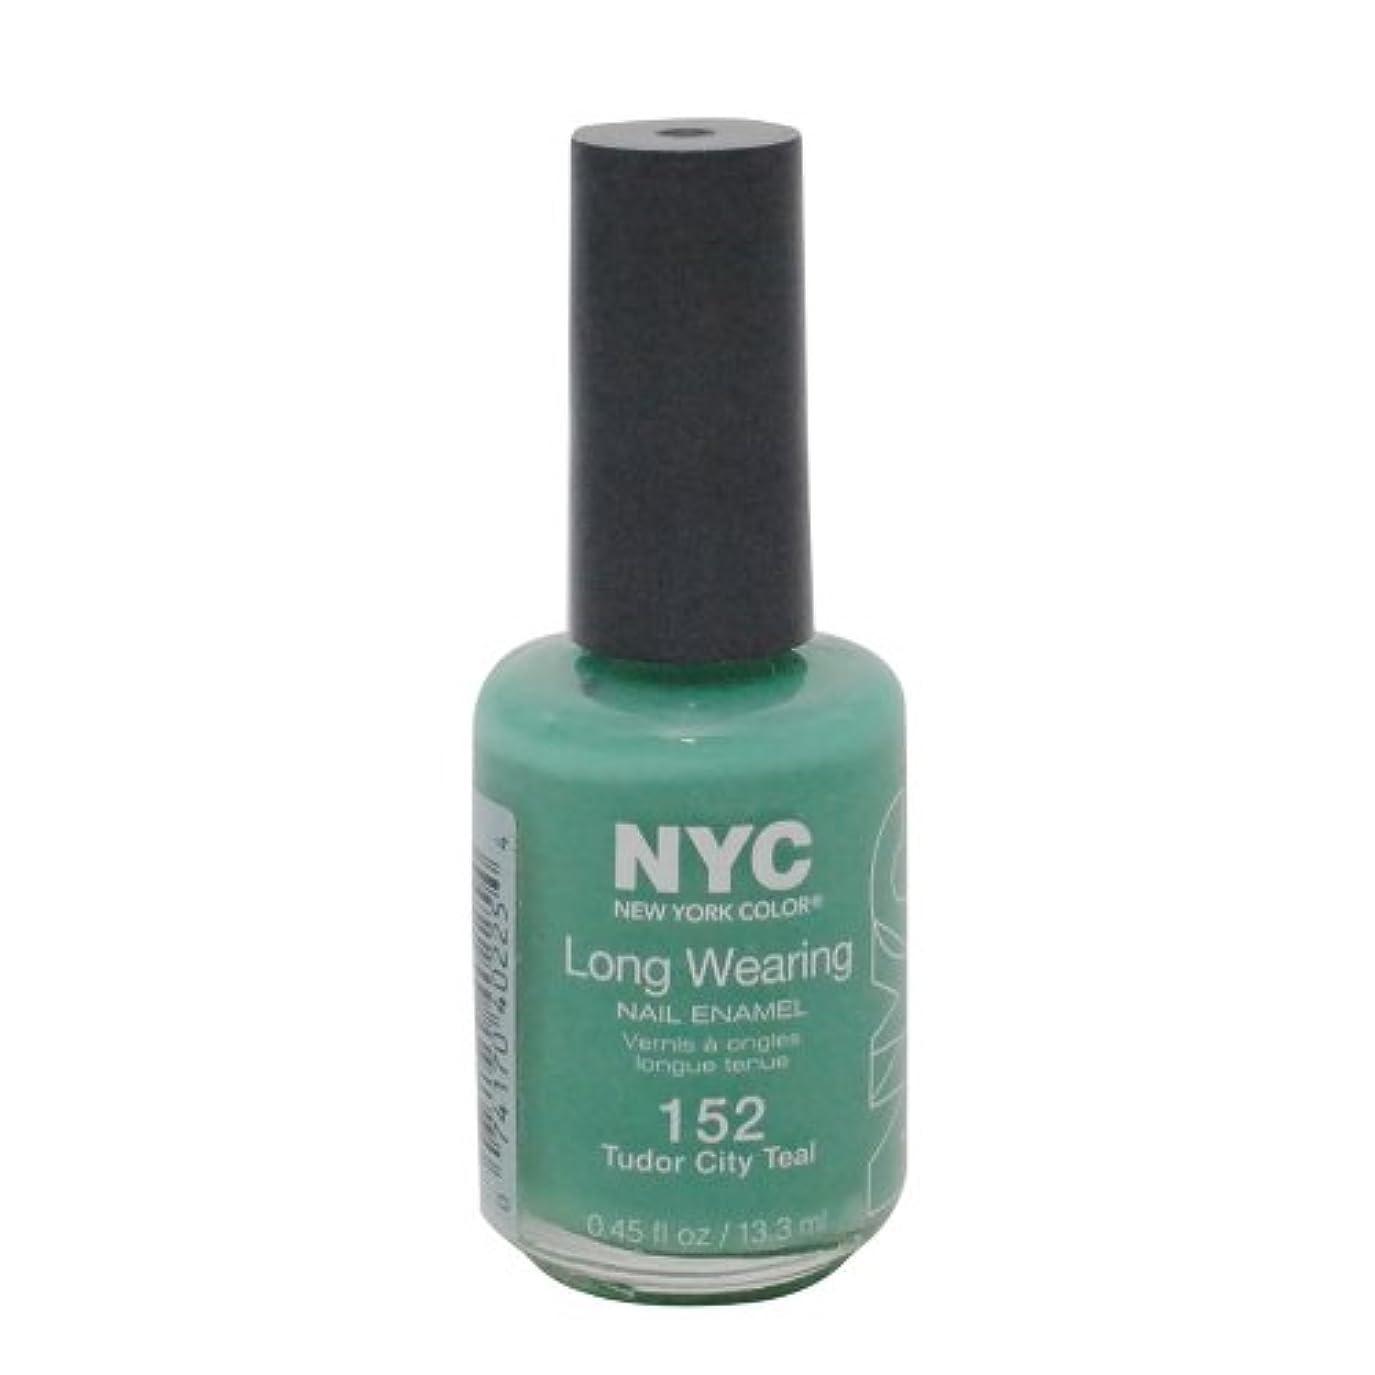 所持再現する焦がすNYC Long Wearing Nail Enamel - Tudor City Teal by NYC New York Color